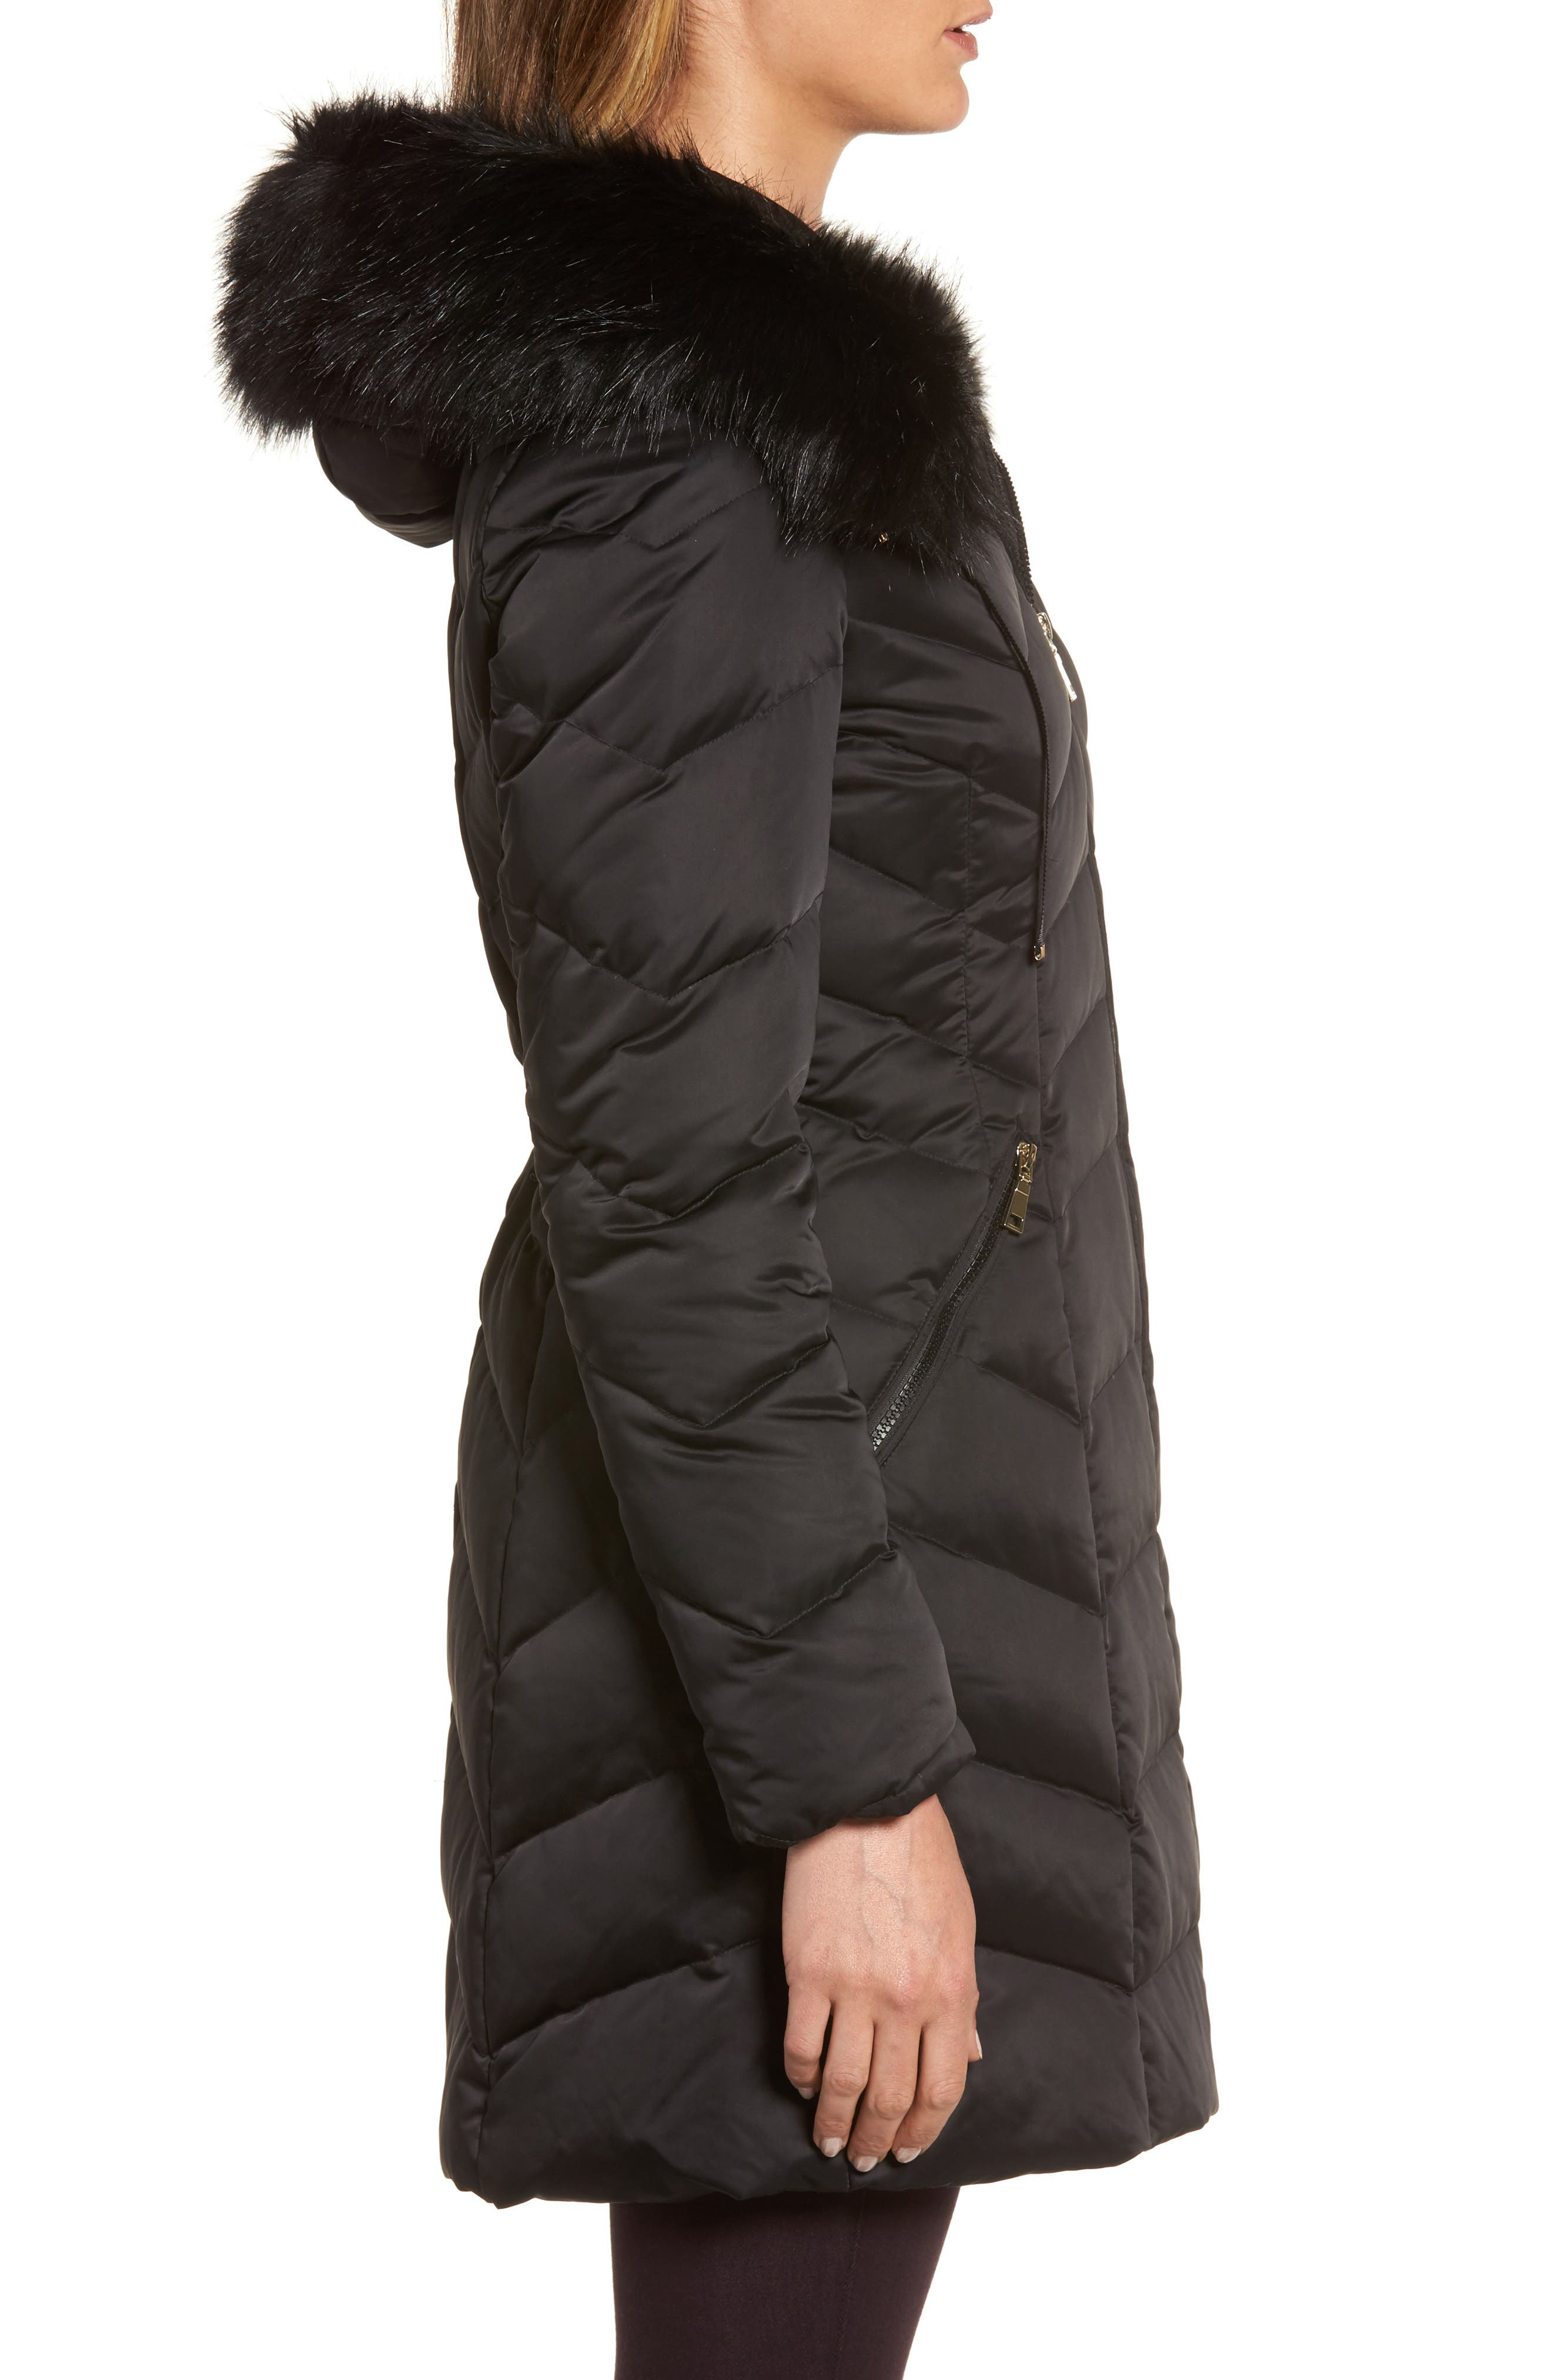 Gwen Chevron Down & Feather Faux Fur Coat,                             Alternate thumbnail 3, color,                             BLACK